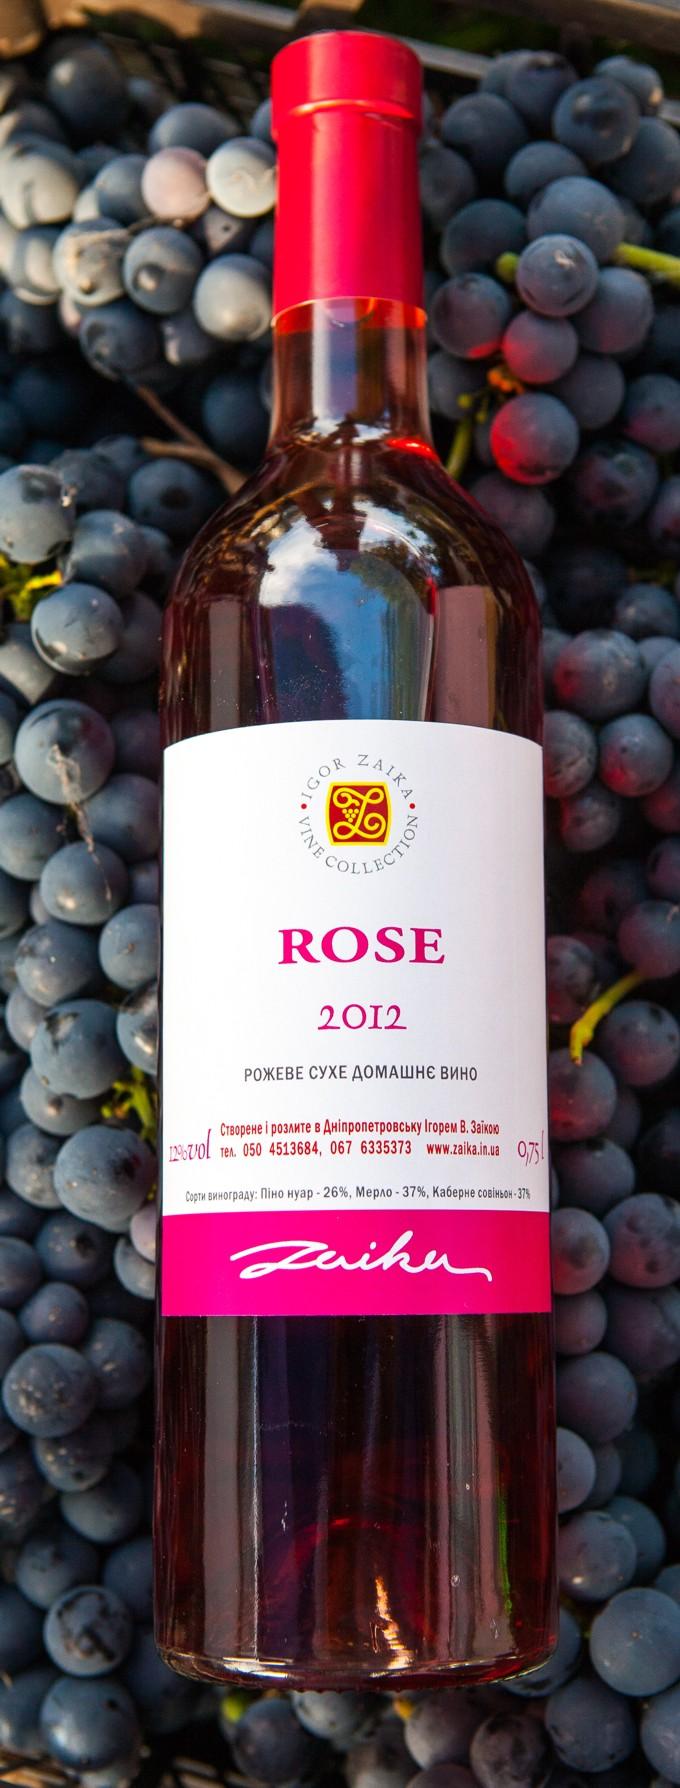 Rose 2013